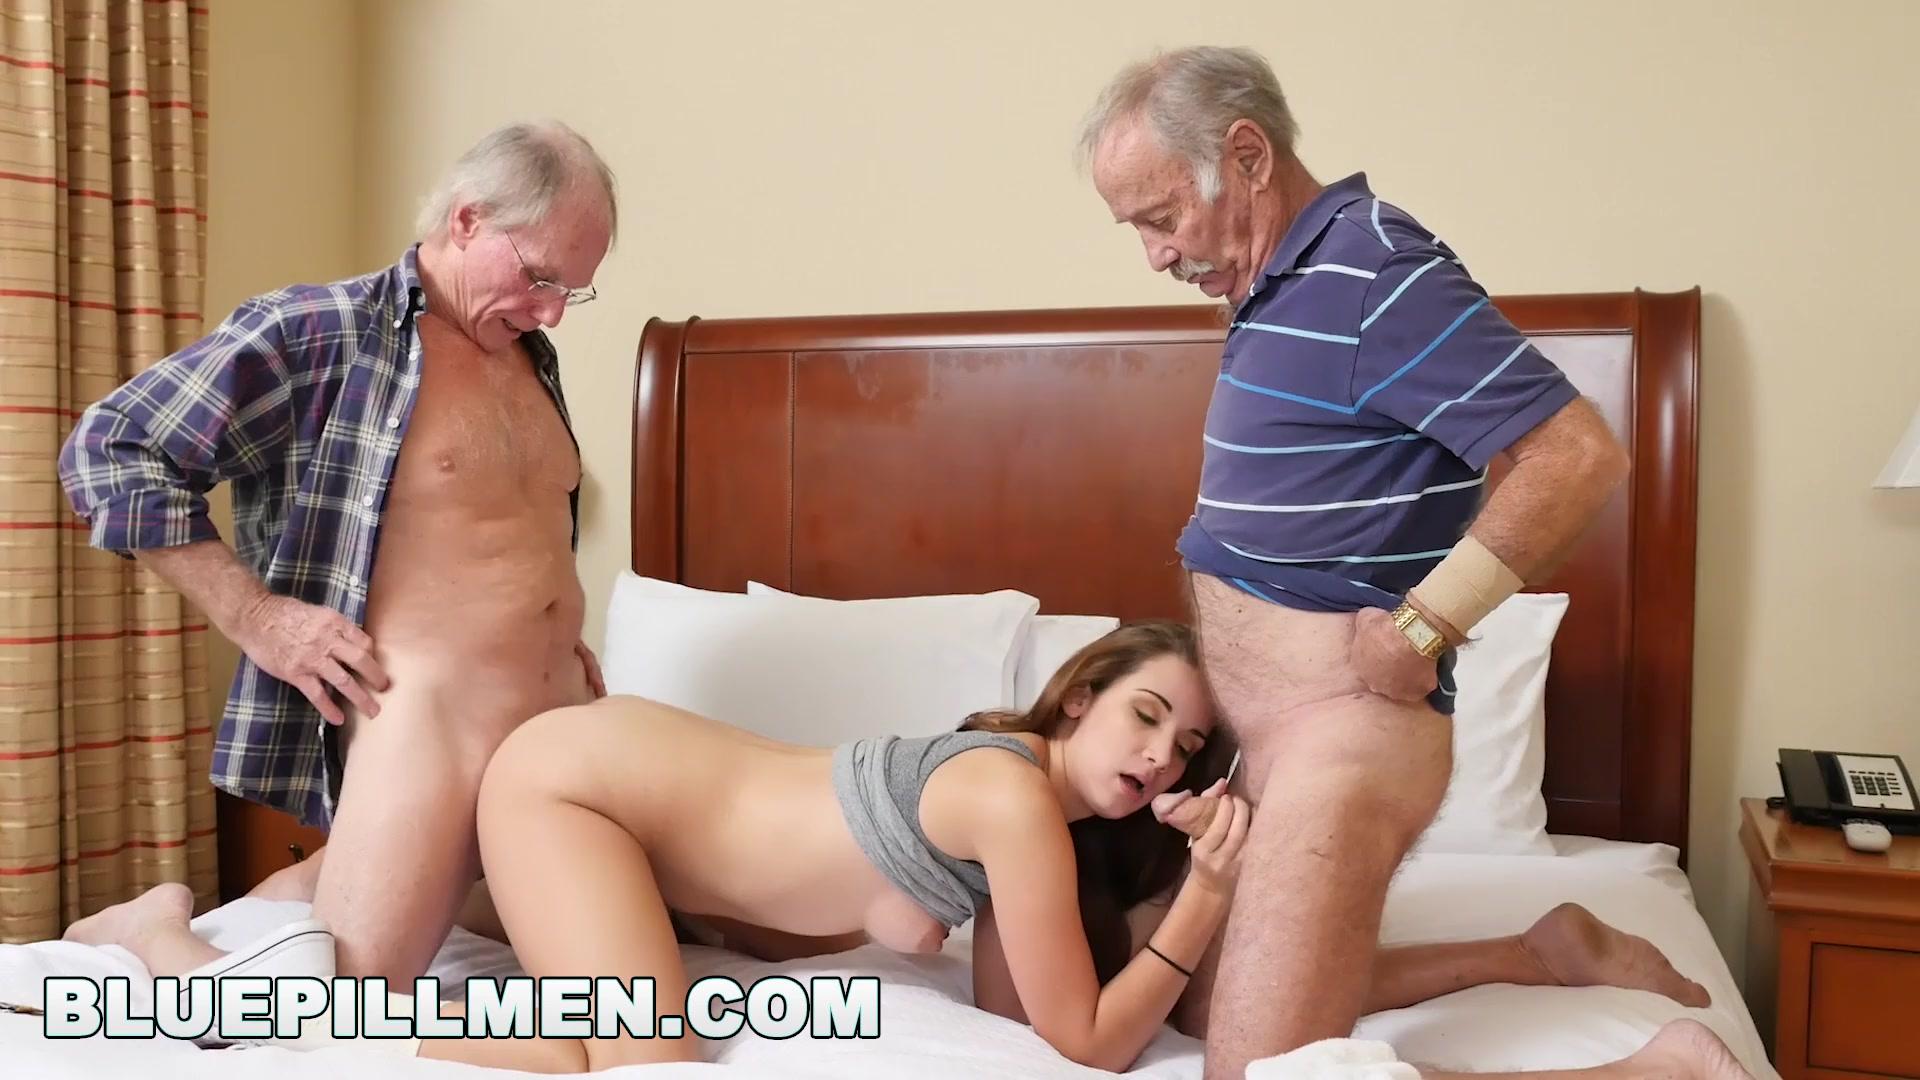 Проститутку трахают два старика